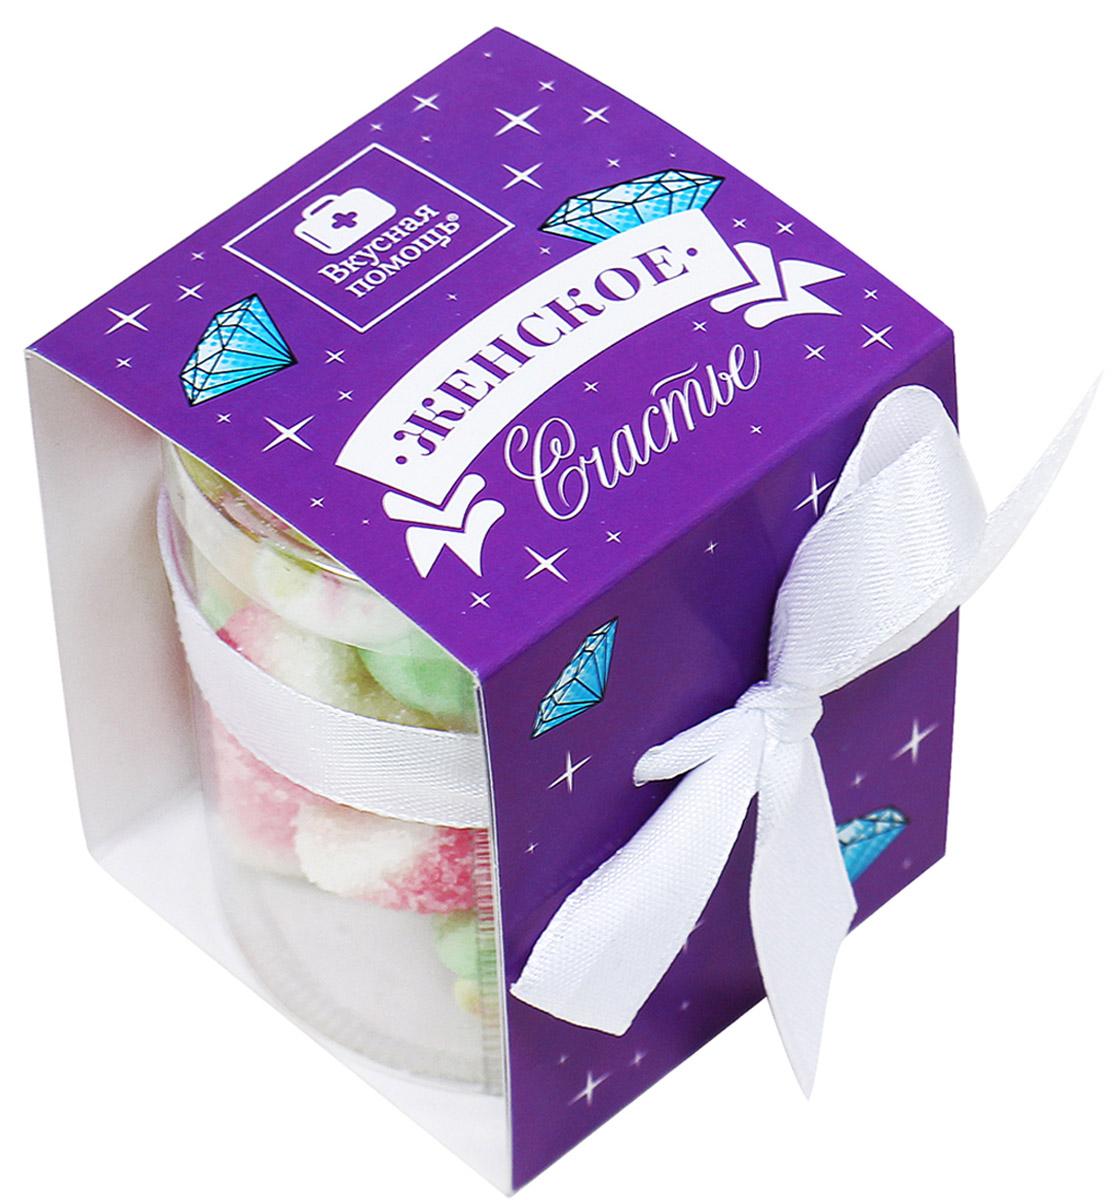 Вкусная помощь Подари женское счастье, жевательный мармелад, 60 гУУ-00000033Маленький, яркий и очень милый подарок девушке от Вкусной помощи Подари настроение – Женское счастье. Это уникальный набор самых нежных и легких конфет. В баночке содержится жевательный мармелад со вкусом клубники со сливками и воздушное суфле. Это изысканное лакомство, которое наполнит самыми светлыми эмоциями и вдохновением. Только попробуйте кусочек этого лакомства – вы перенесетесь в манящий мир сладостей, конфет и мармеладок.Для женского счастья нужно несколько простых и вещей:быть всегда неотразимойКомплимент раз в часмаленький подарок, если грустно.Дарите девушкам настроение и улыбки вместе со Вкусной помощью, и мир станет еще прекраснее.